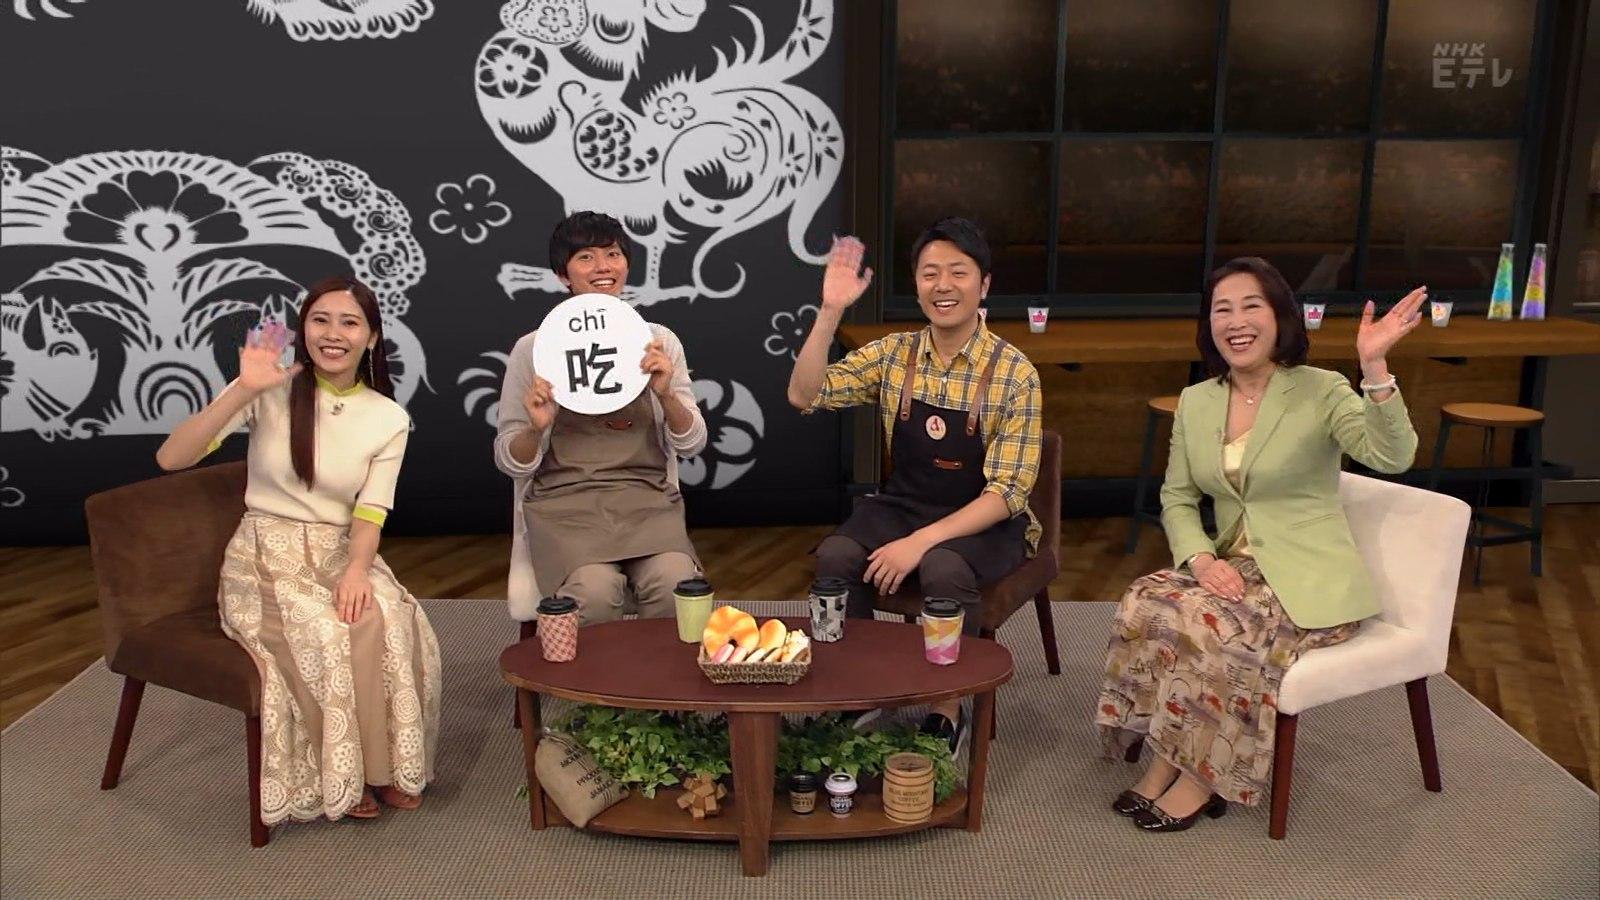 佐野ひなこ_ニット_おっぱい_テレビで中国語_14